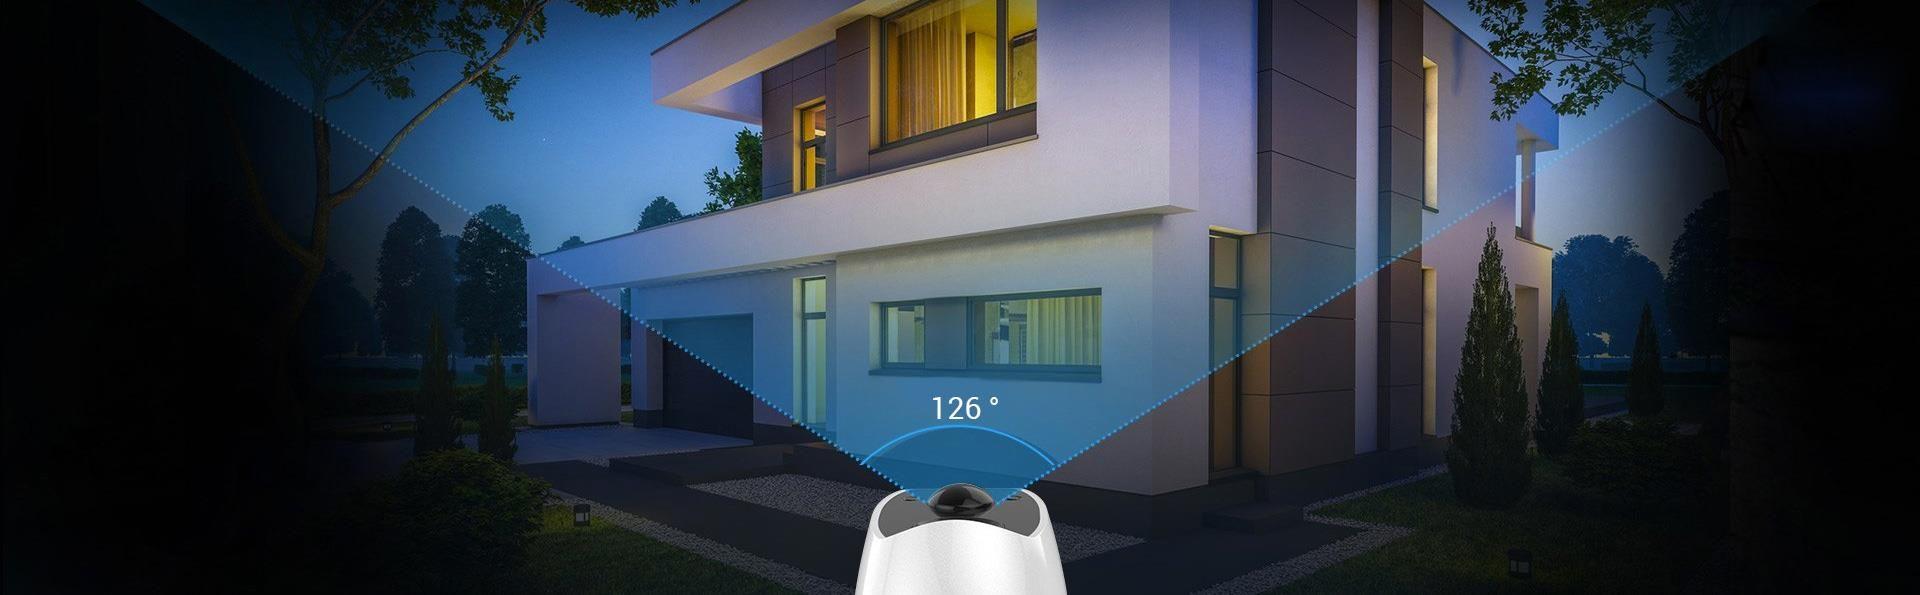 Camera wifi không dây dùng pin sạc Ezviz CS-C3A-A0-1C2WPMFBR - META.vn